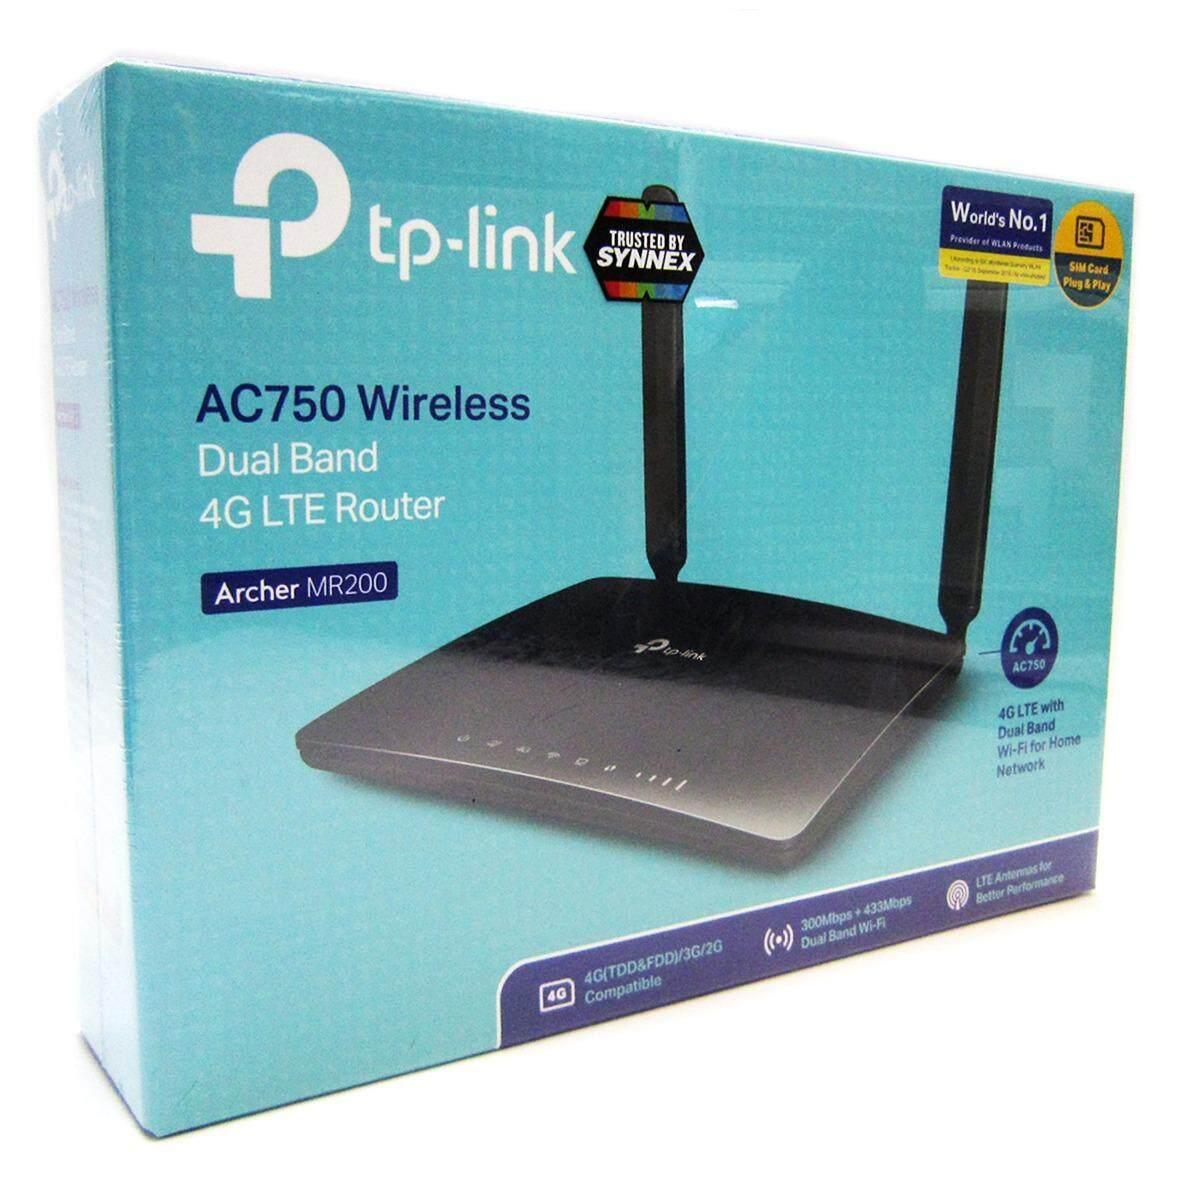 ขาย ซื้อ ออนไลน์ Tp Link Archer Mr200 ส่งโดยKerry ประกัน3ปีSynnex Ac750 Wireless Dual Band 3G 4G Lte Router มีLan 4 Port